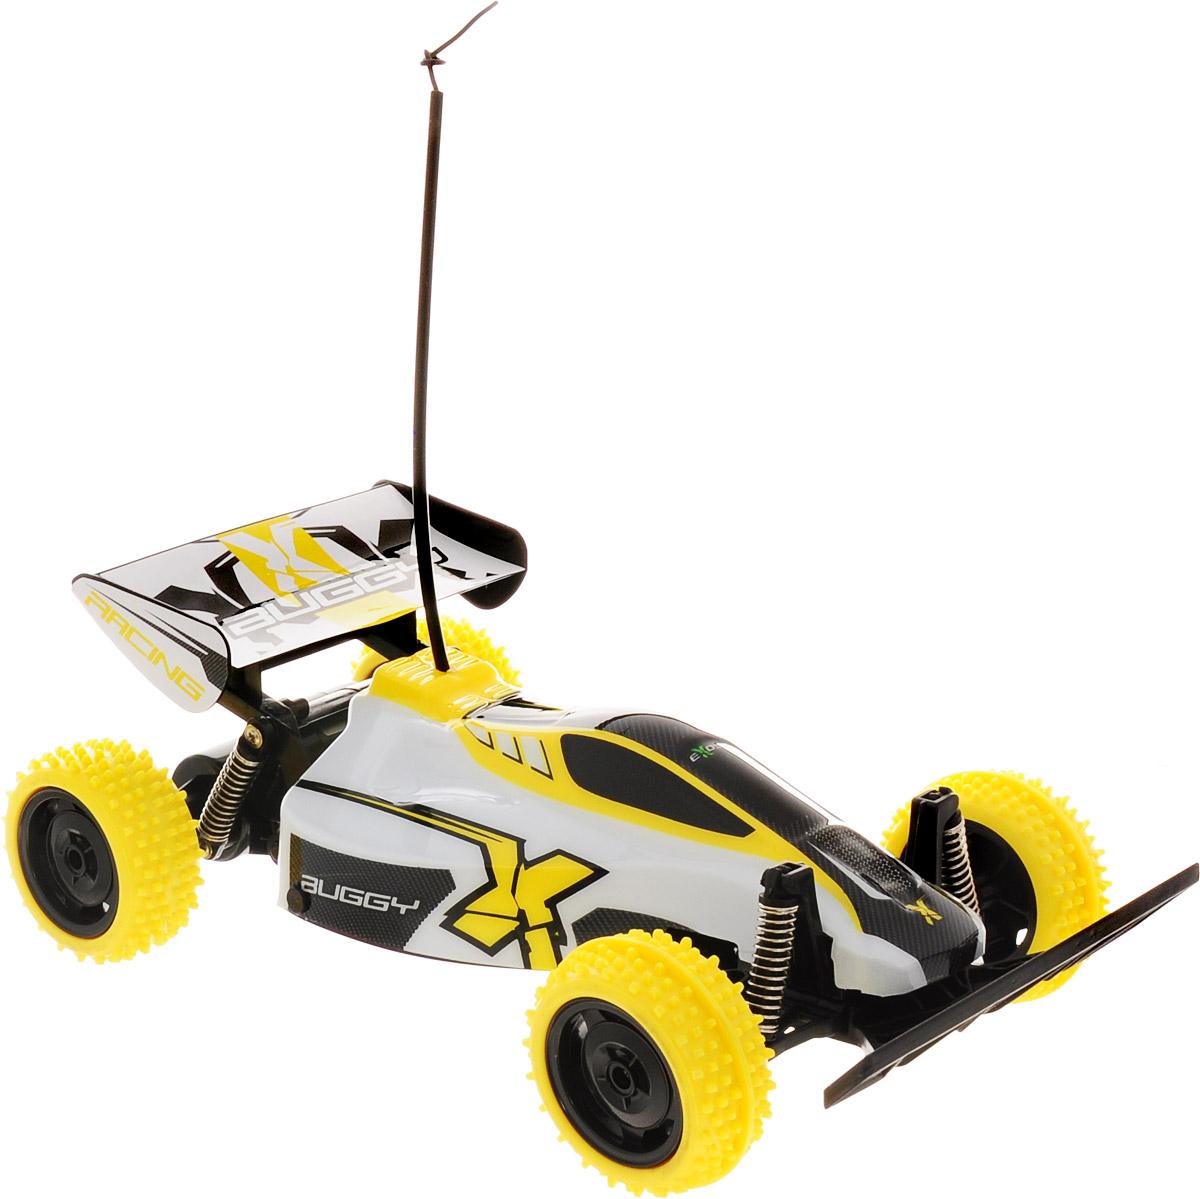 Silverlit Машина на радиоуправлении Buggy Racing цвет белый желтый черный роботы silverlit приручи динозавра белый